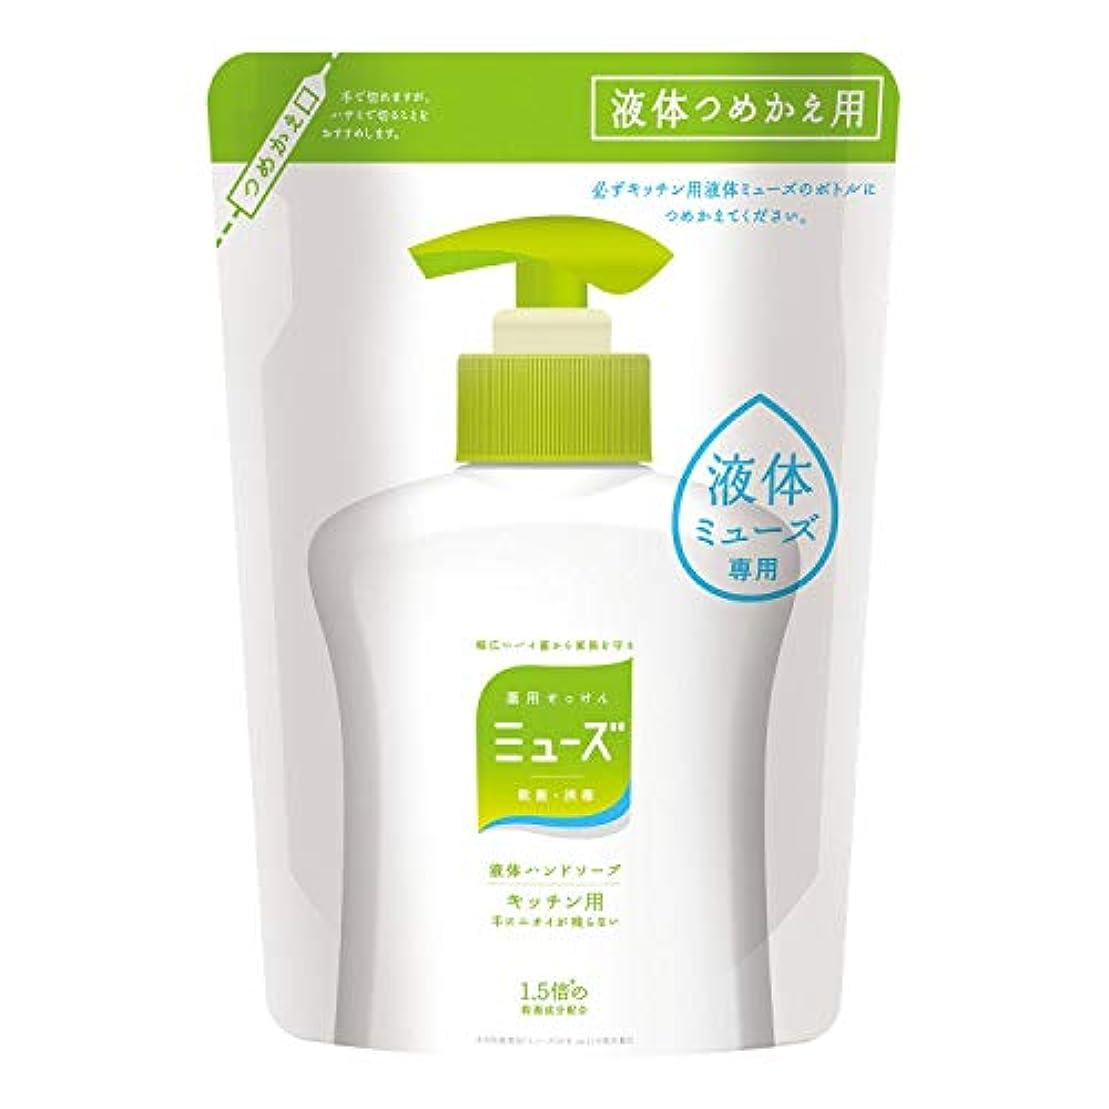 【アース製薬】アース 新キッチンミューズ 詰替用 200ml ×10個セット